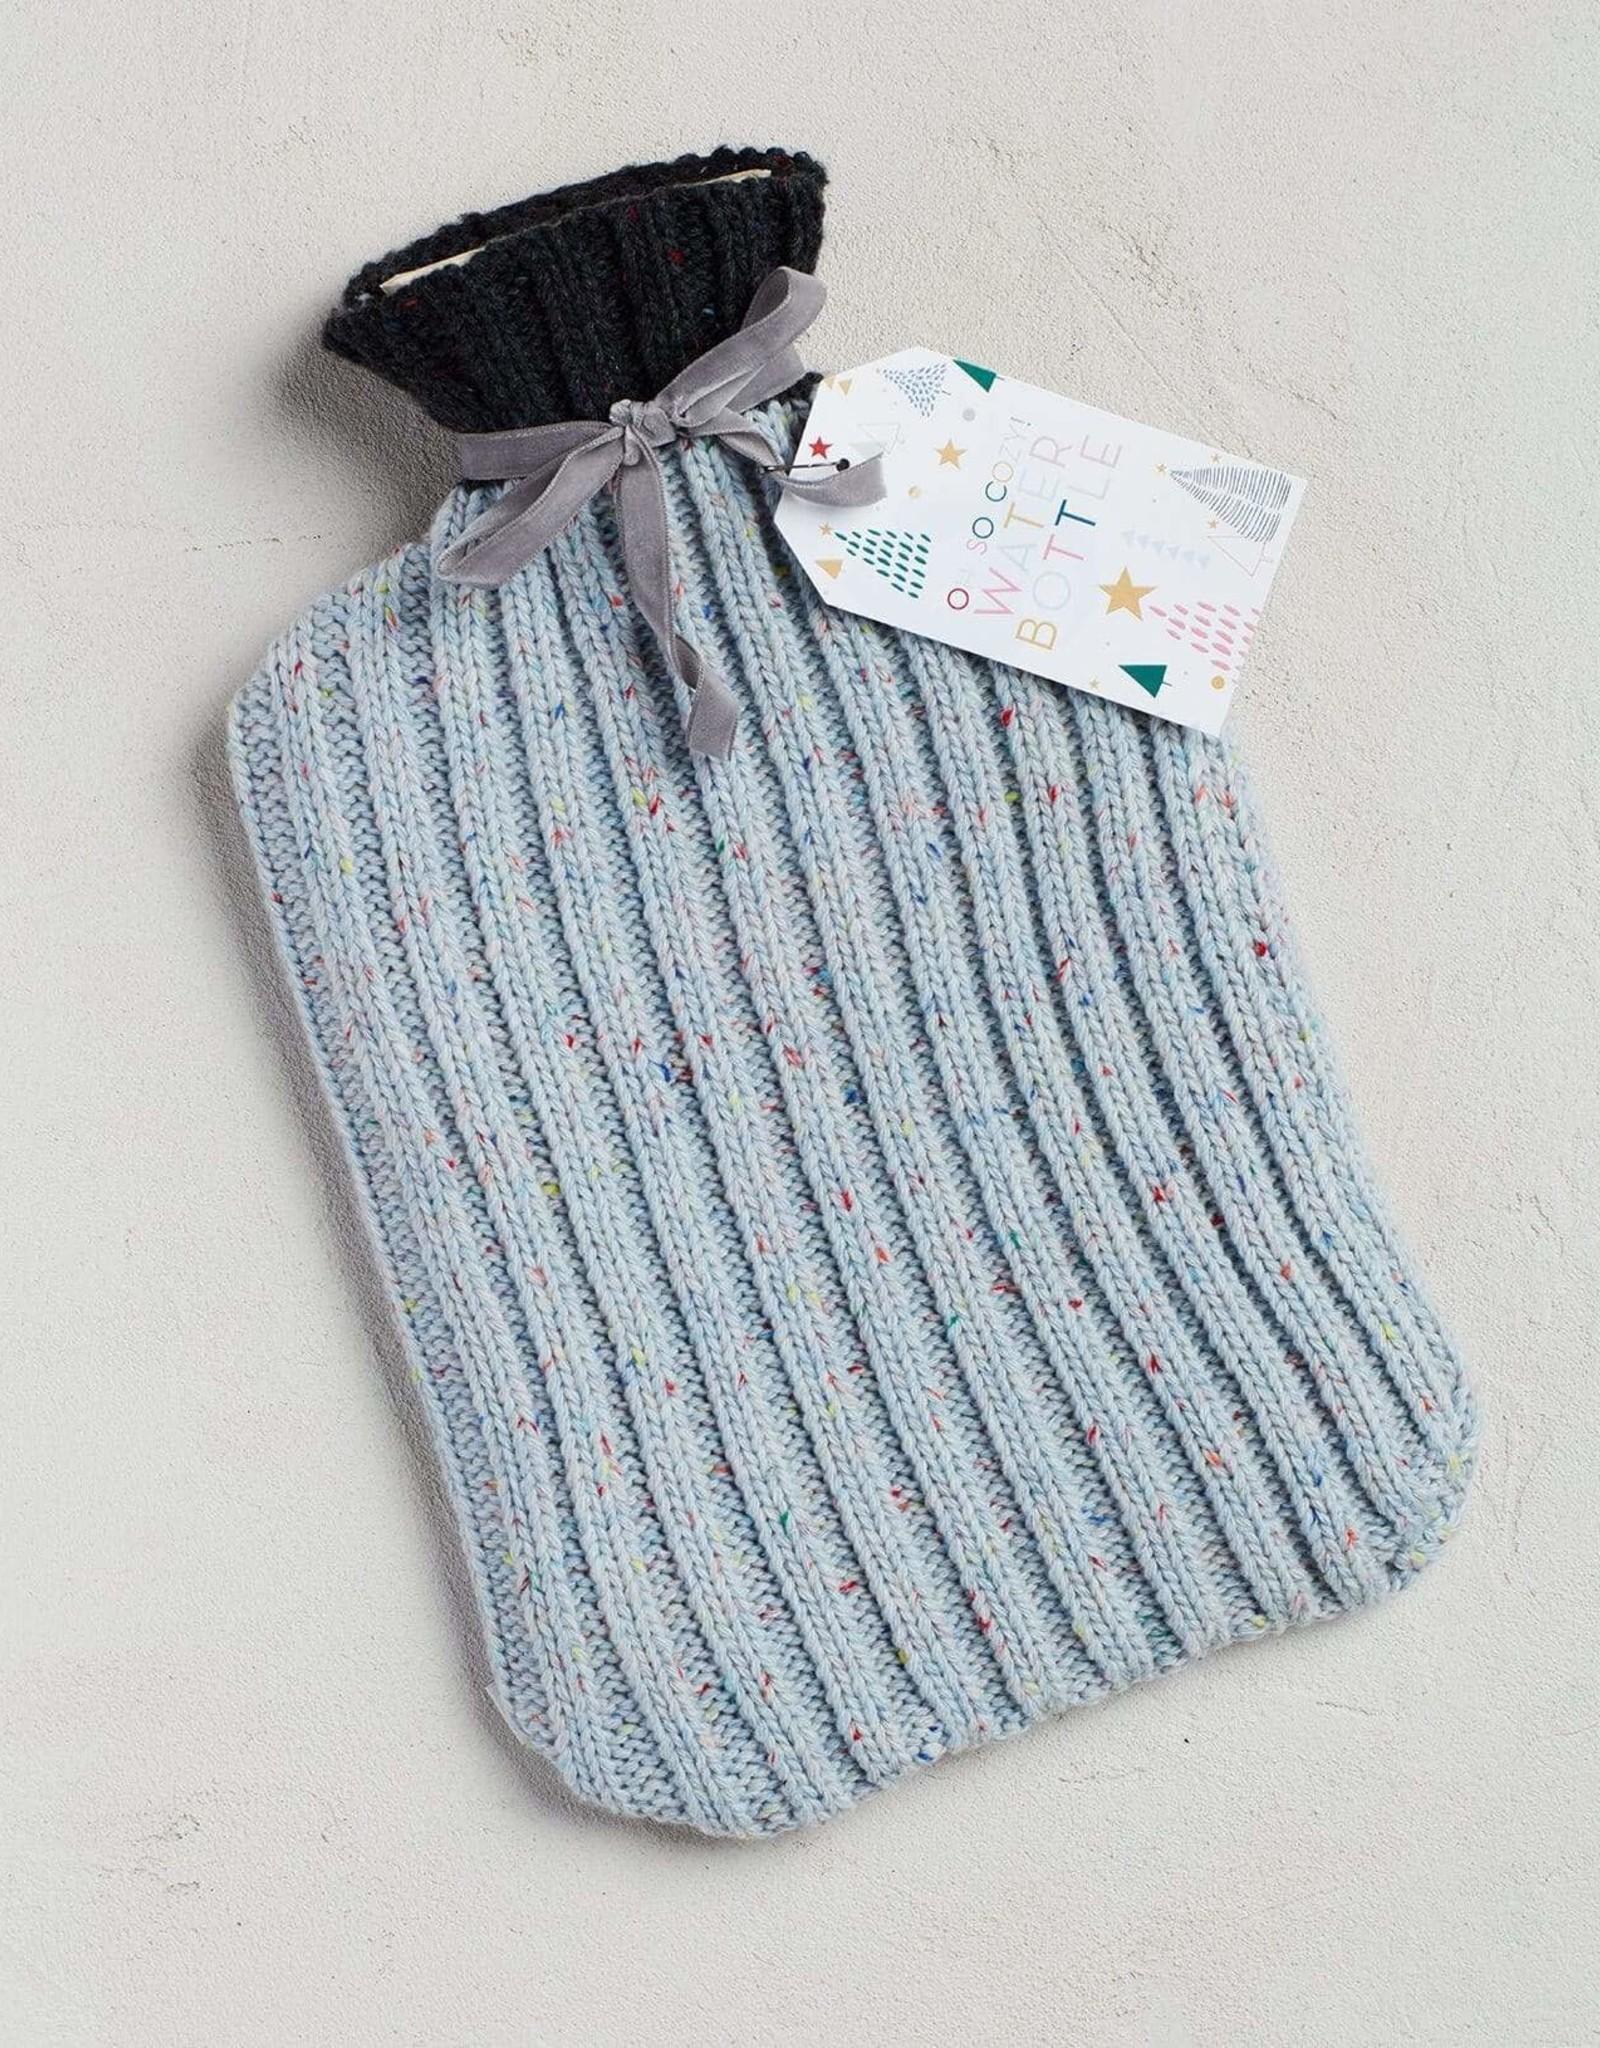 Mersea Mer-Sea Cozy Knit Hot Water Bottle